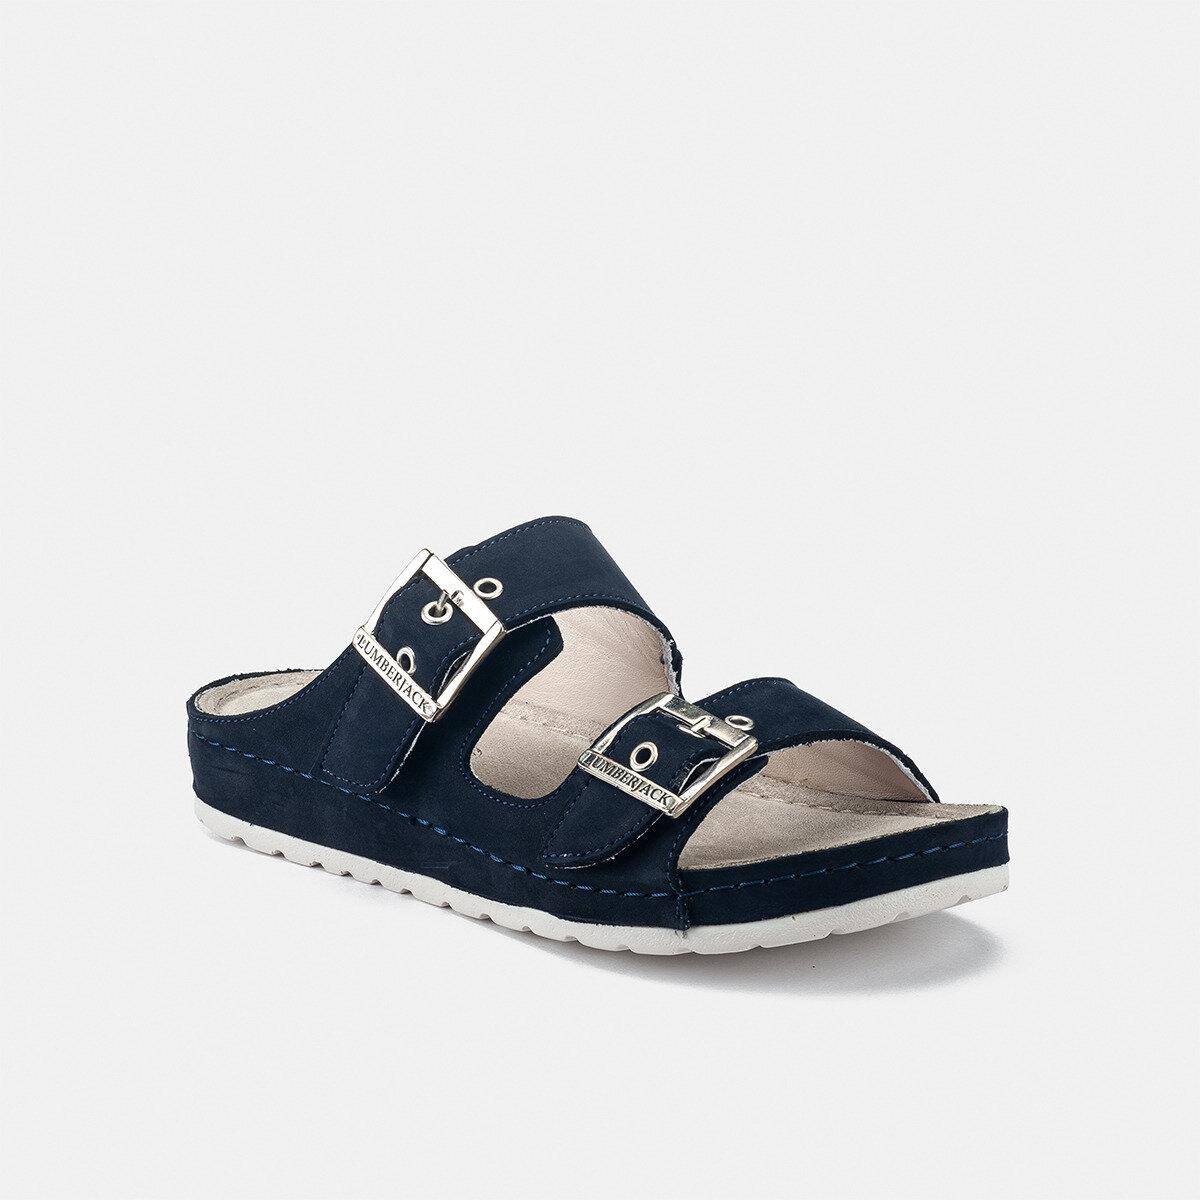 EZA NAVY BLUE Woman Sandals